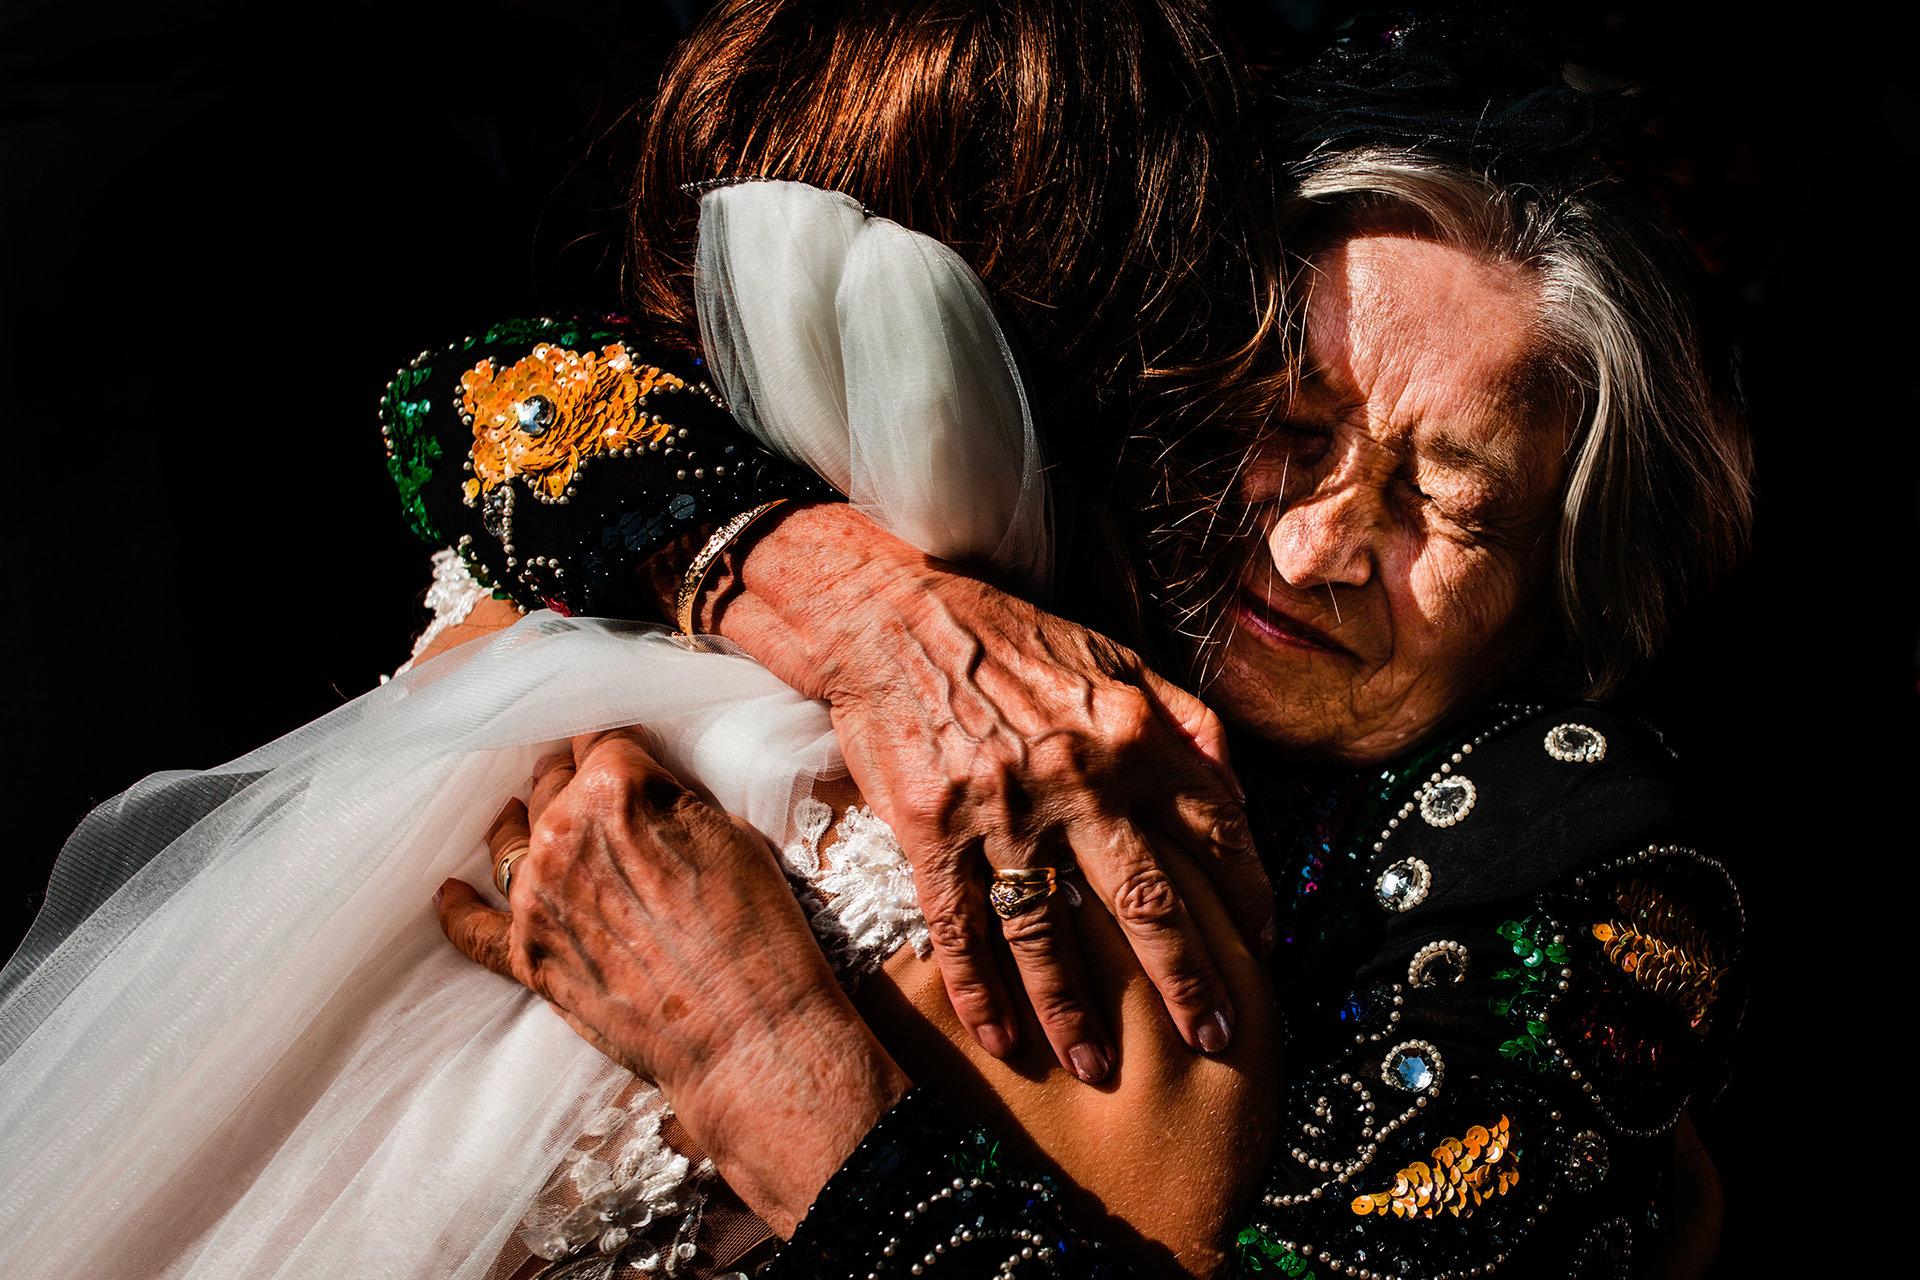 Photo in Wedding   Author ivelin iliev - ivelin_iliev   PHOTO FORUM